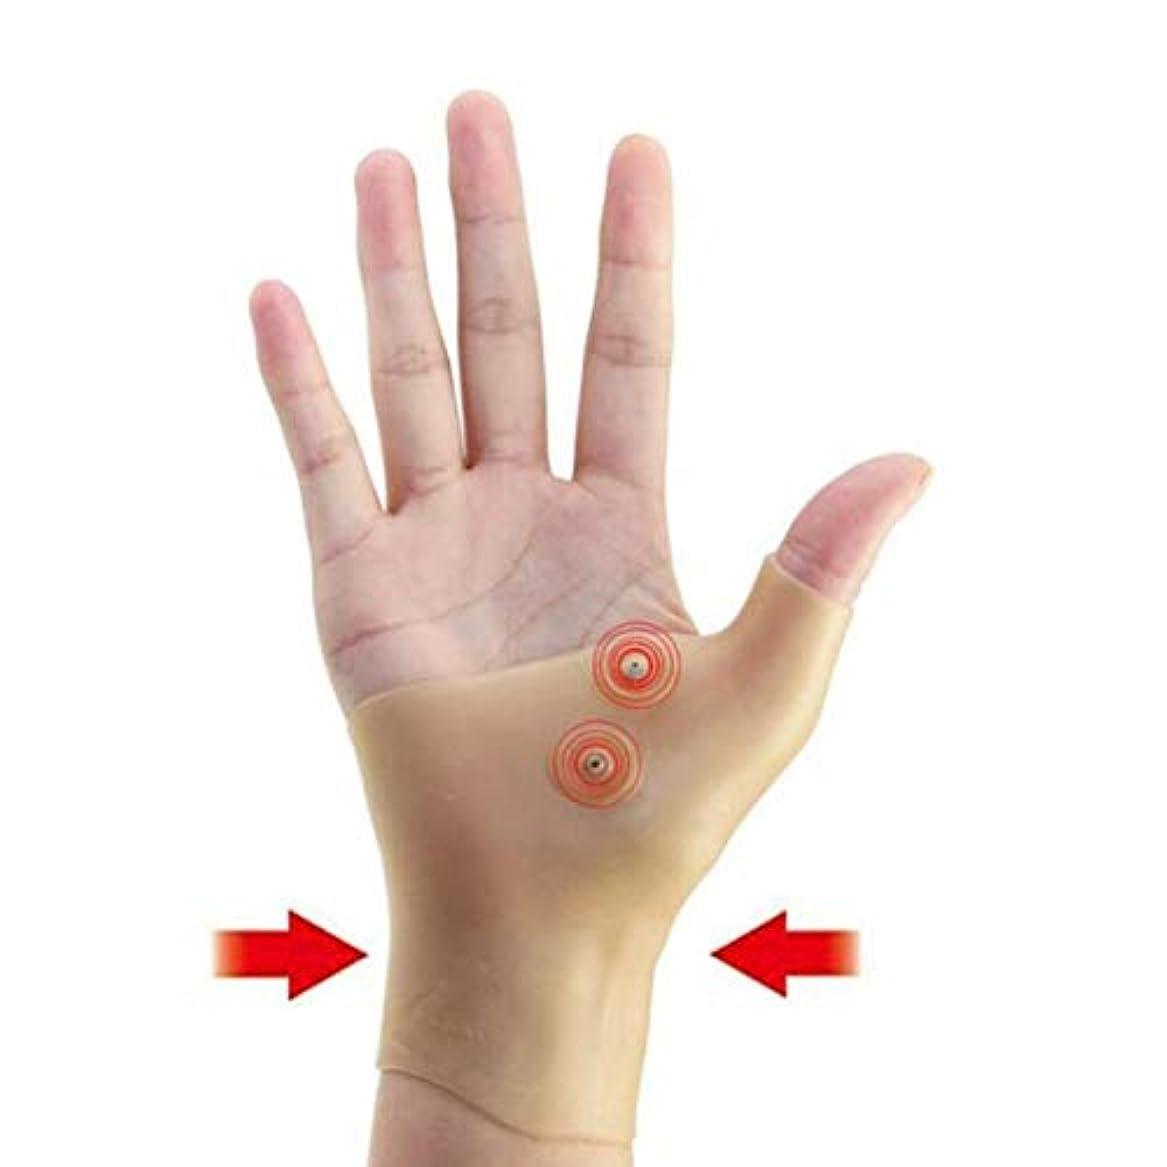 歯コア失礼な磁気療法手首手親指サポート手袋シリコーンゲル関節炎圧力矯正器マッサージ痛み緩和手袋 - 肌の色